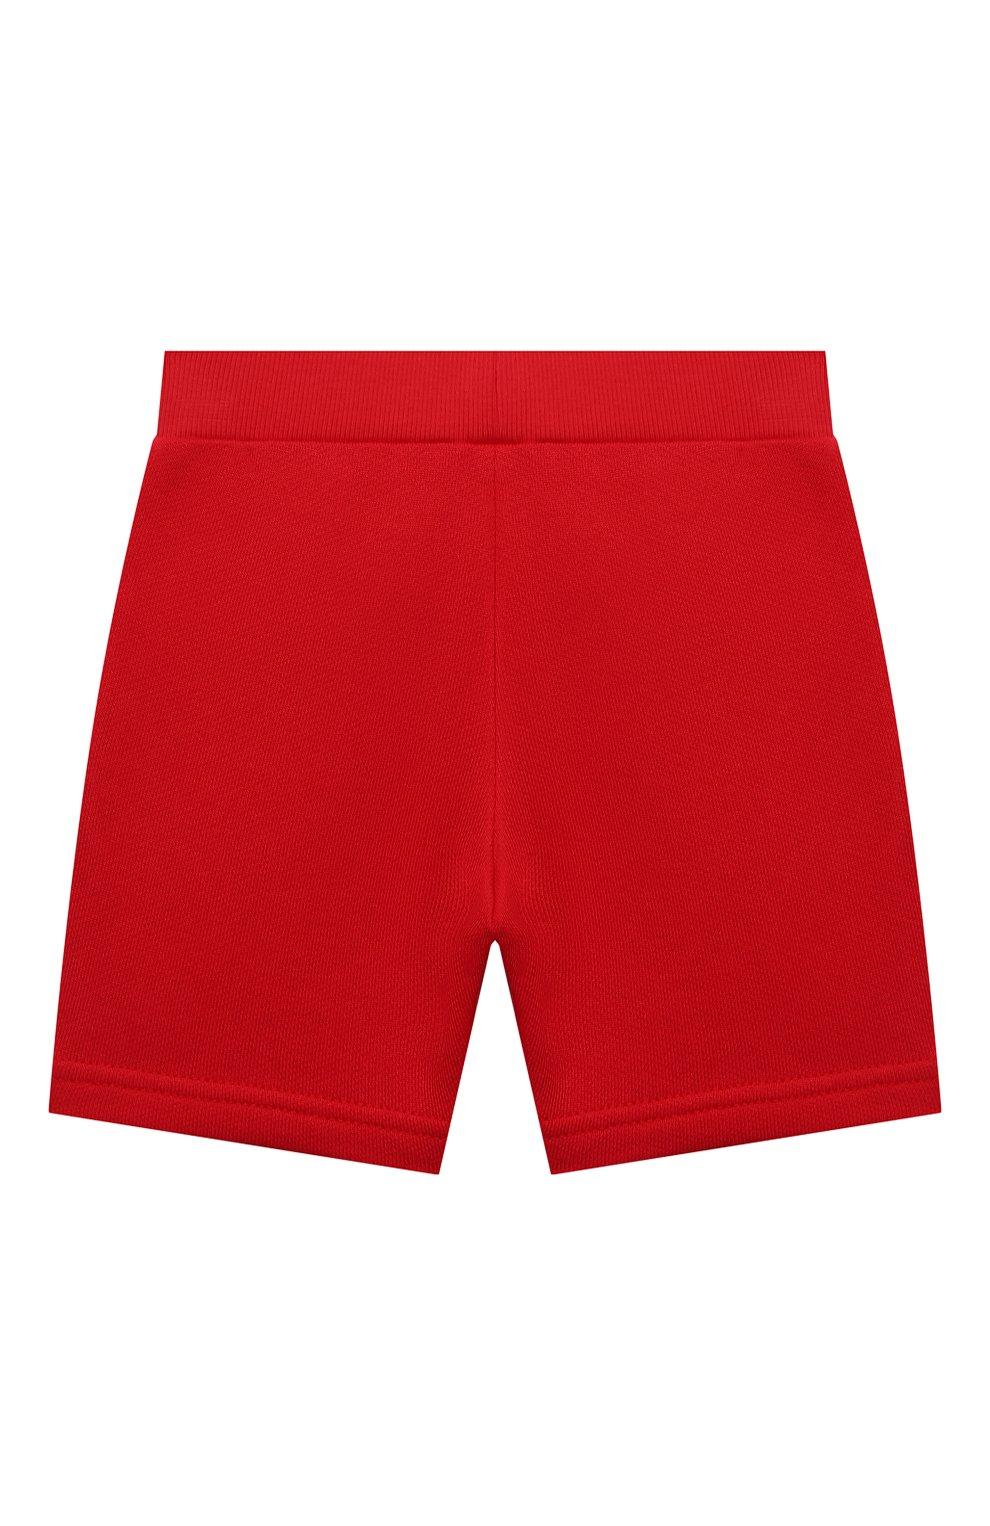 Детские шорты EMPORIO ARMANI красного цвета, арт. 3KHSJ3/4J4IZ   Фото 2